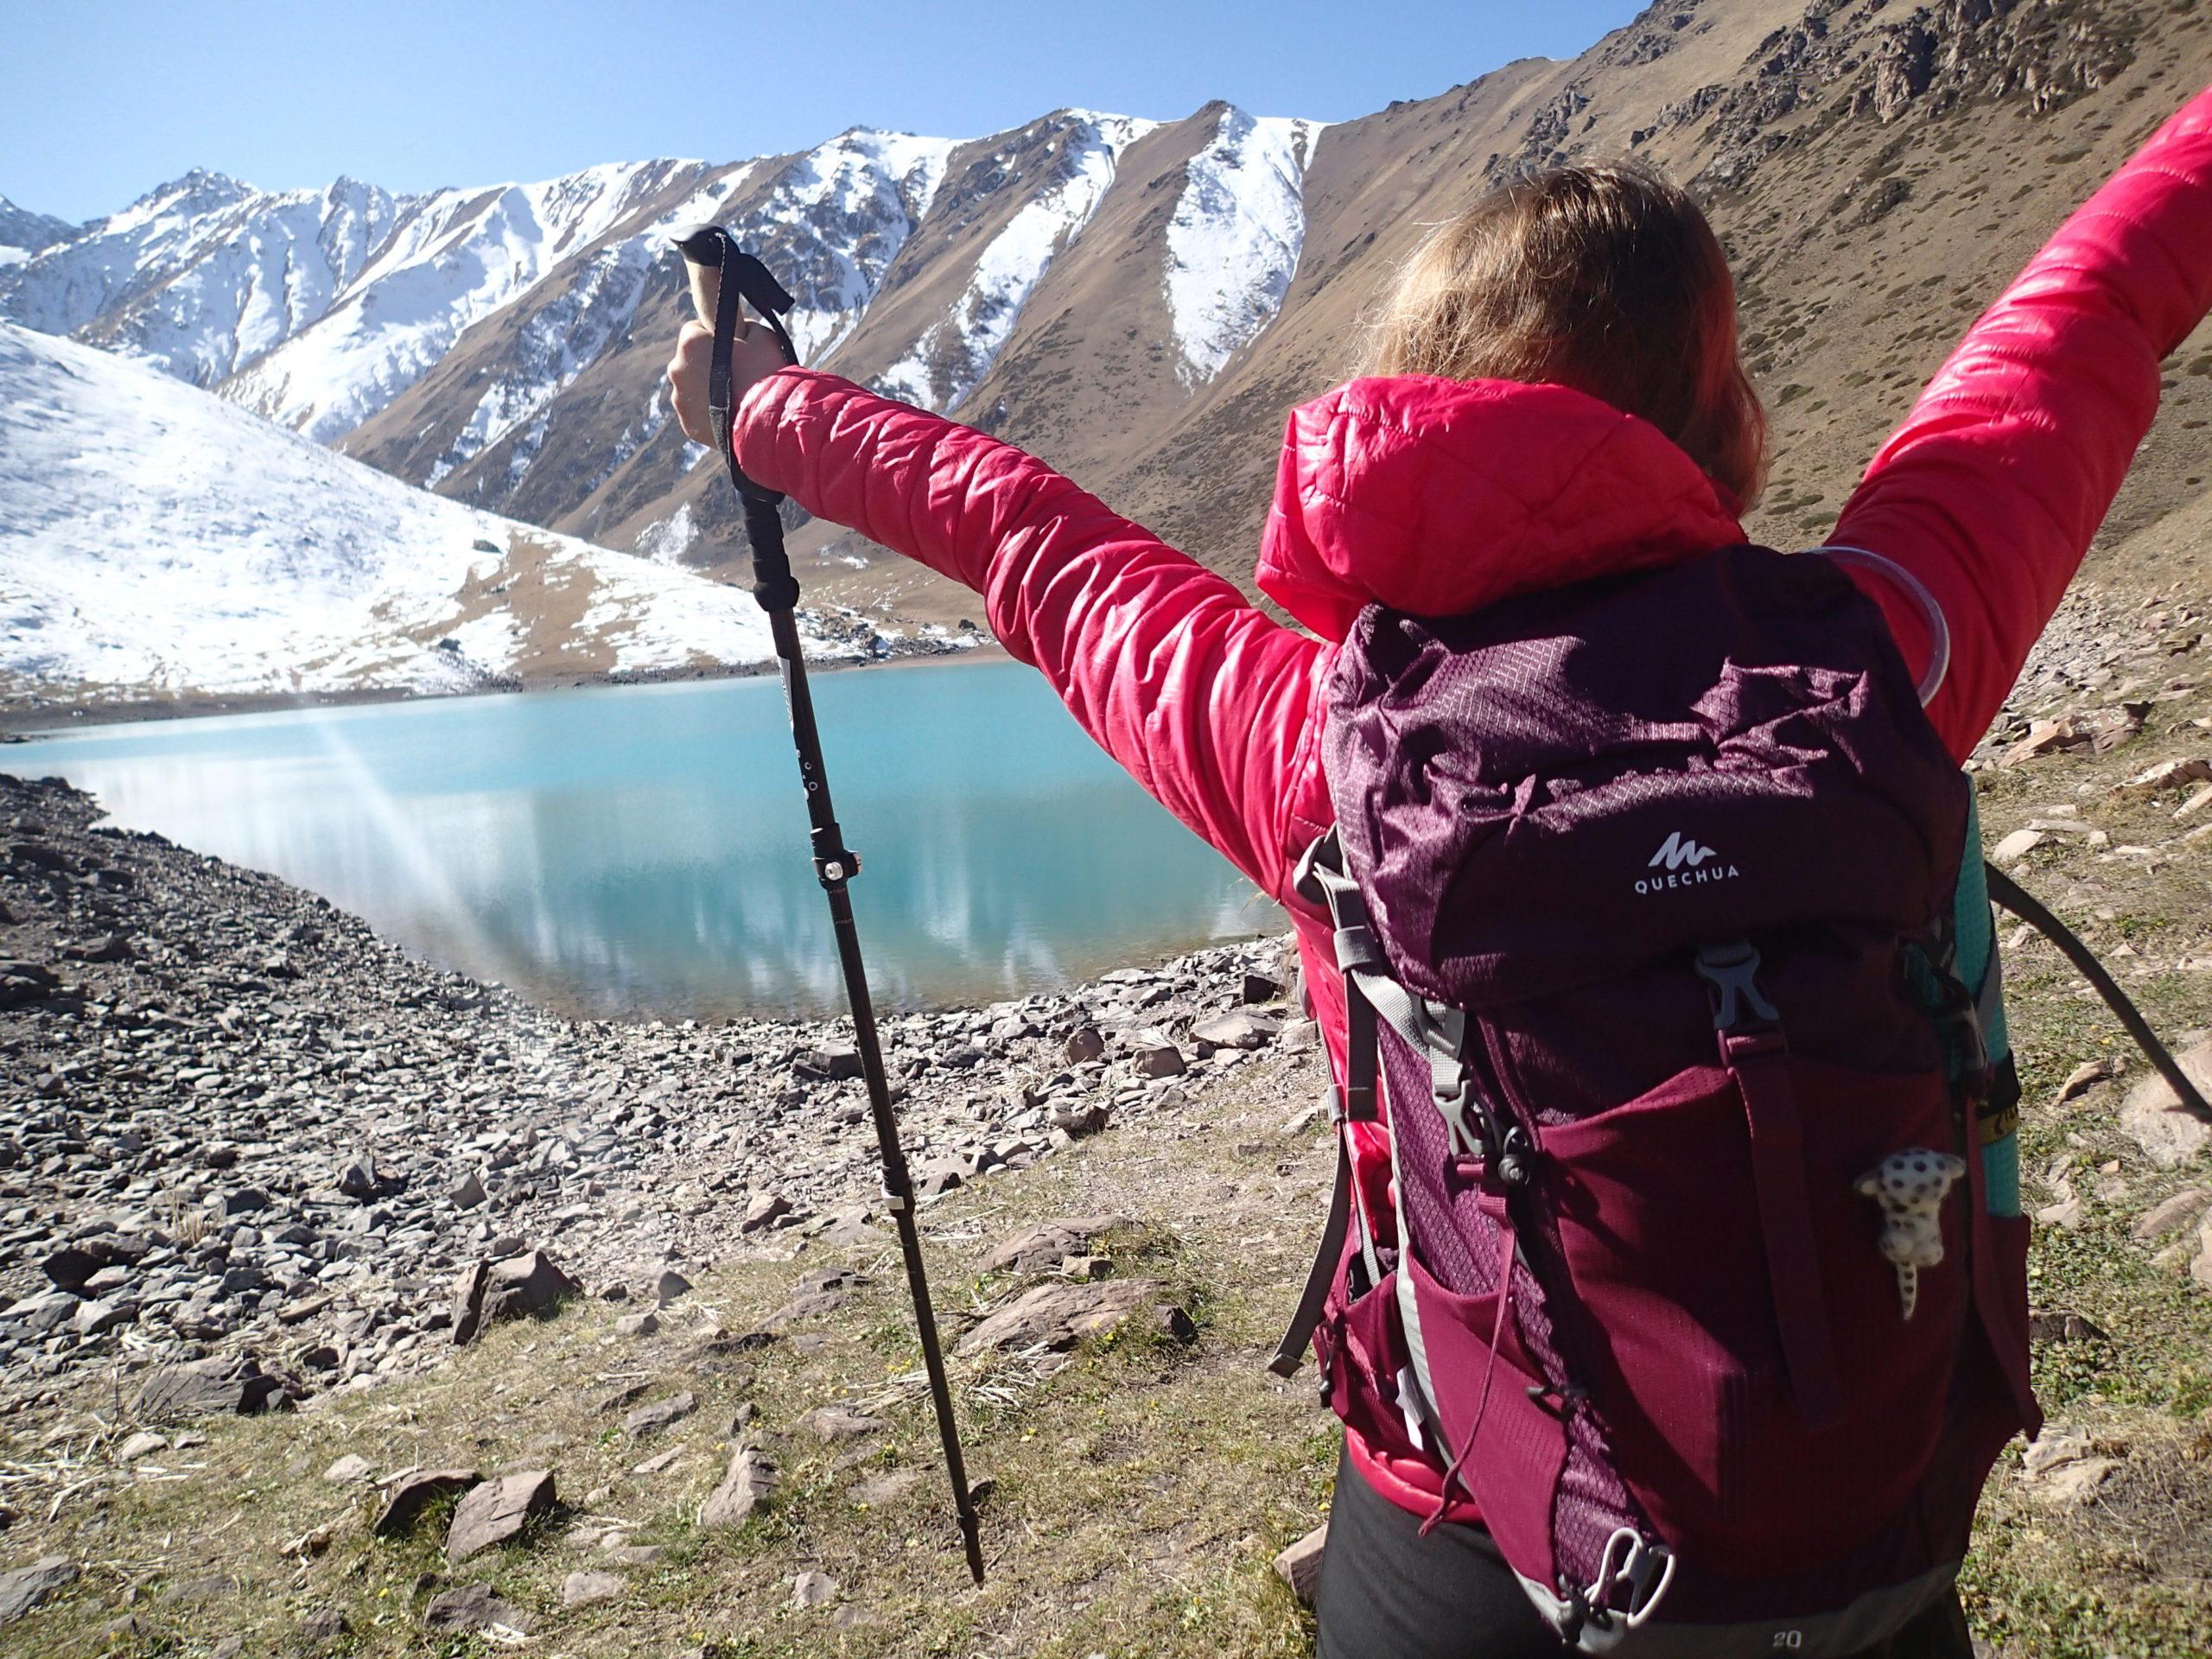 vacances sportives au kirghizstan